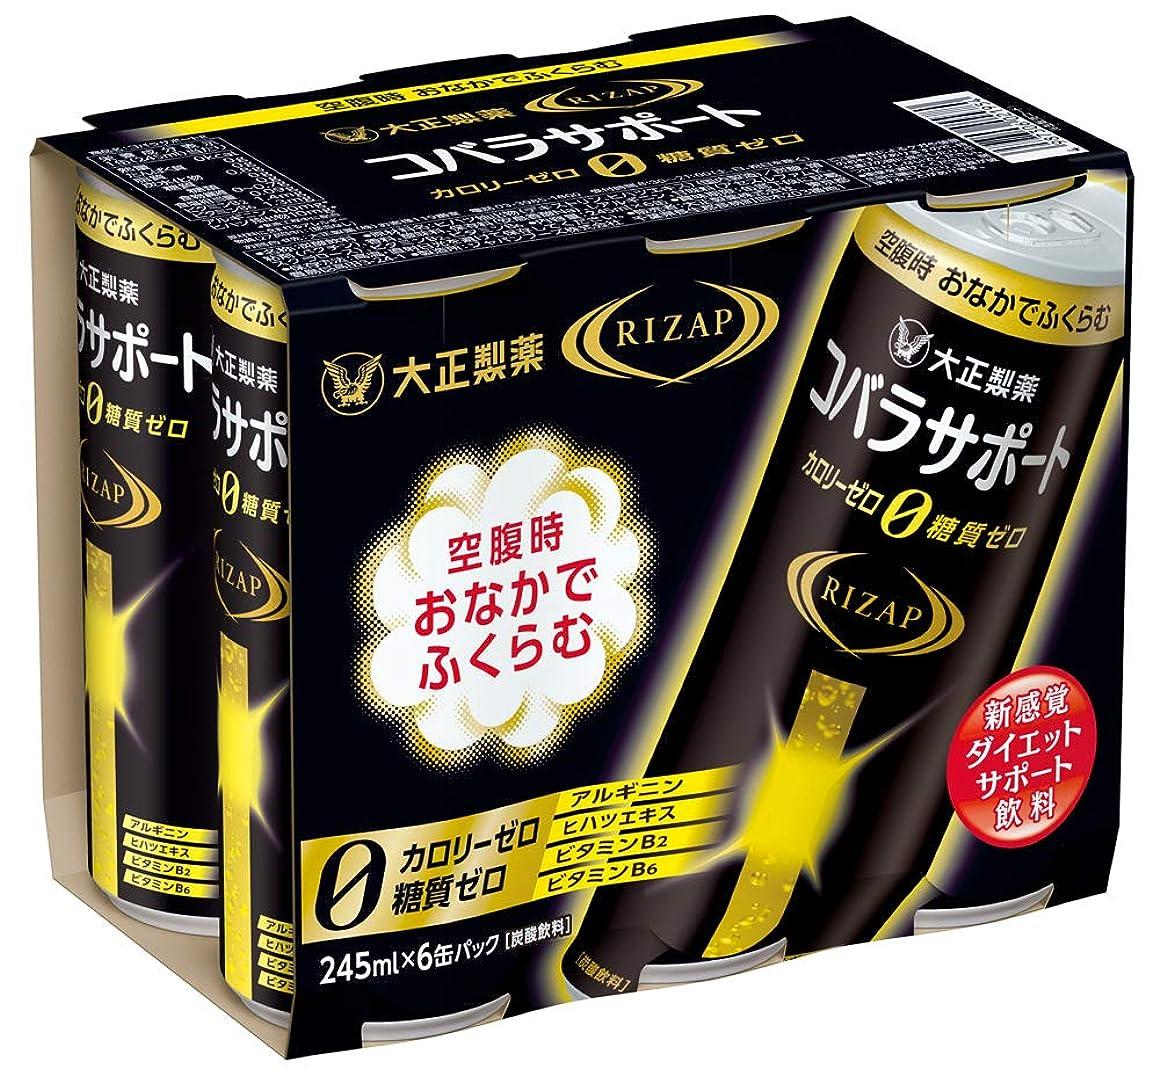 社会ゴミ箱成長コバラサポートR 6本セット【期間限定】【ライザップコラボ品】